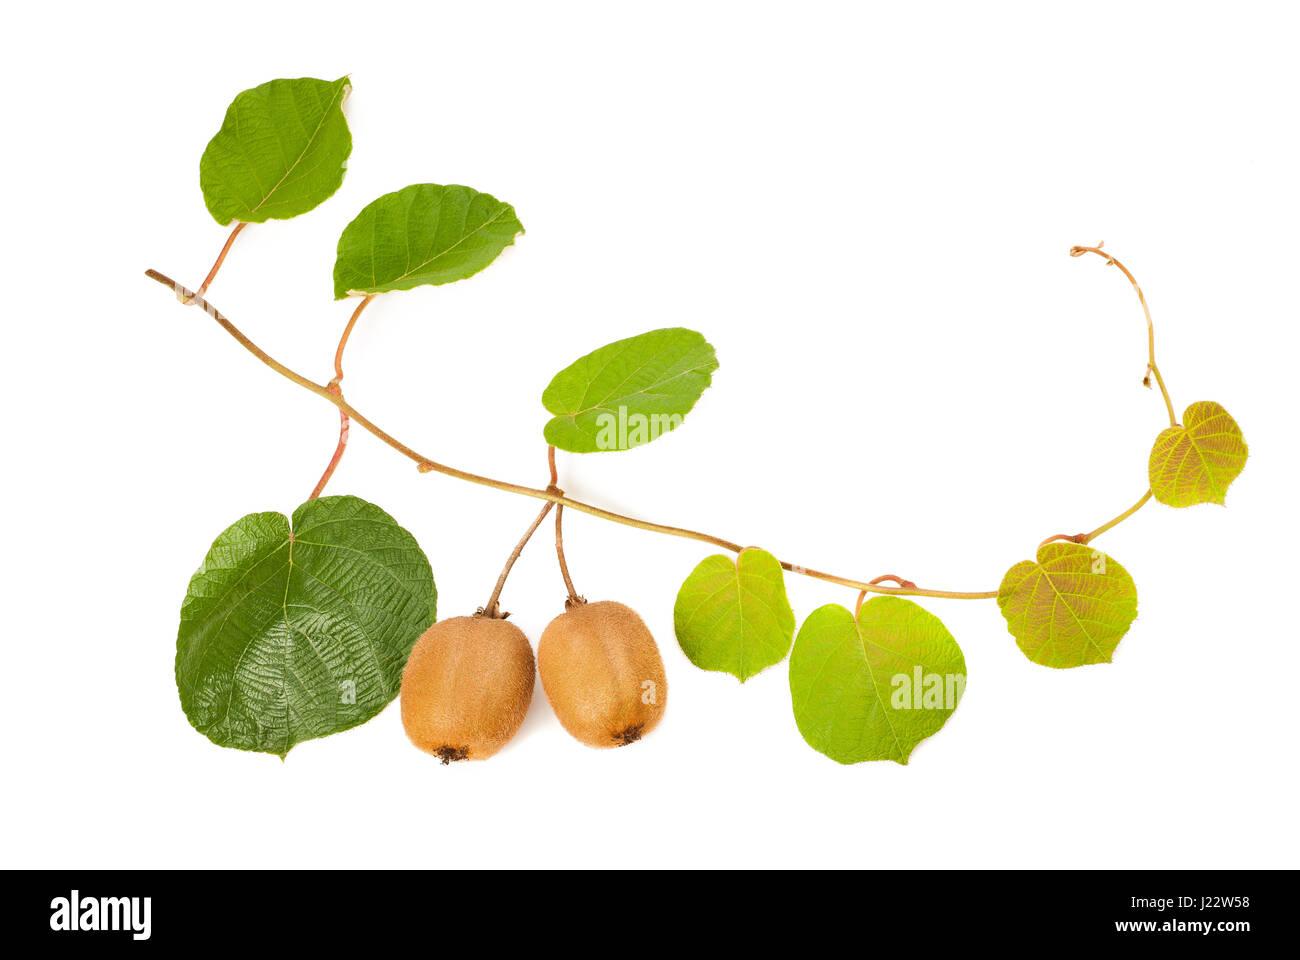 kiwi leaves and fruits  isolated on white - Stock Image